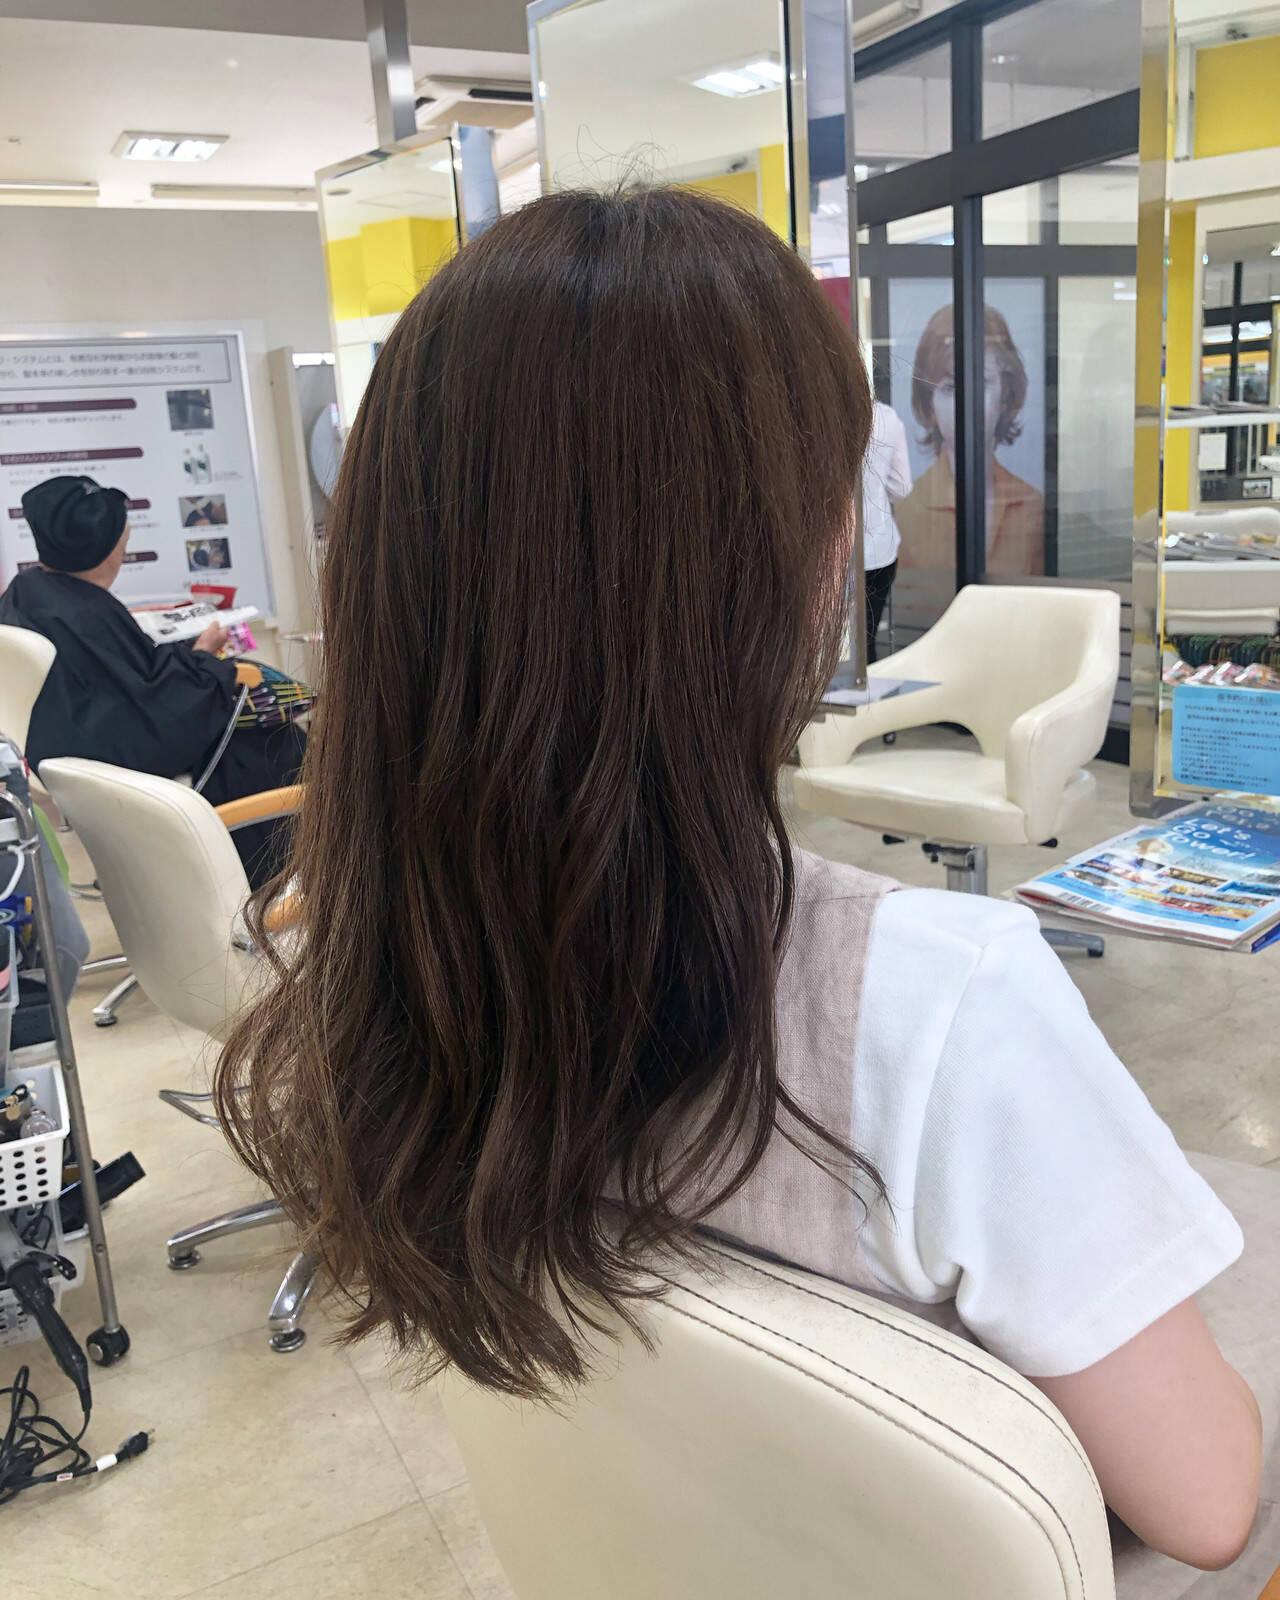 透明感カラー ナチュラル ハイライト ロングヘアスタイルや髪型の写真・画像